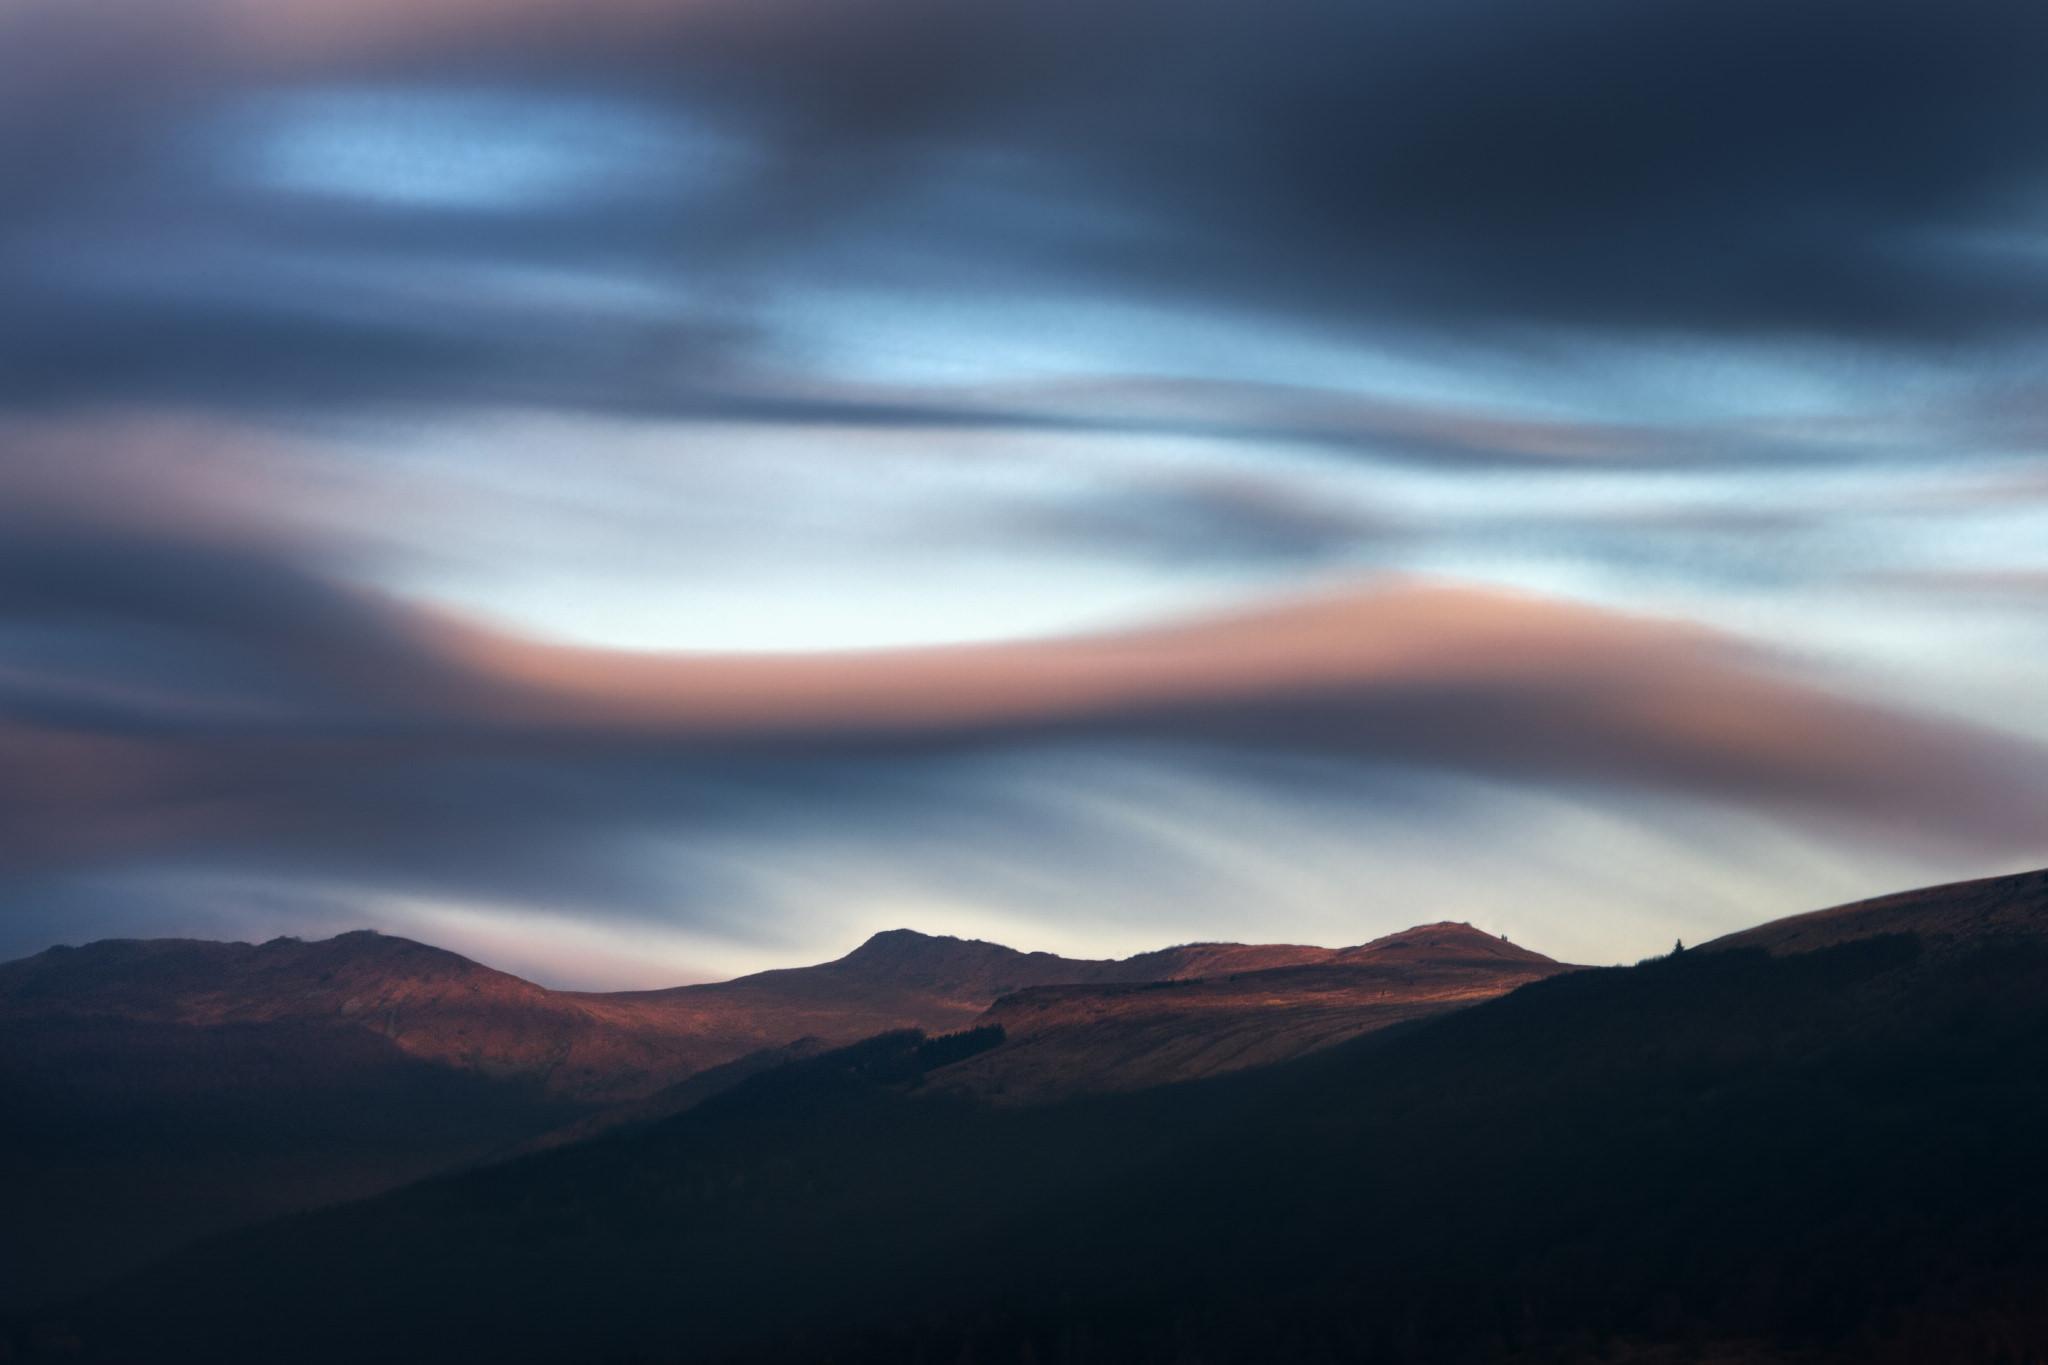 warsztaty fotograficzne w Bieszczadach, wschód słońca w Bieszczadach na połoninach okrytych śniegiem. Wiejący wiatr unosi śnieg oświetlając ciepłym światłem. Zdjęcie z Warsztatów fotograficznych Nowe spojrzenia